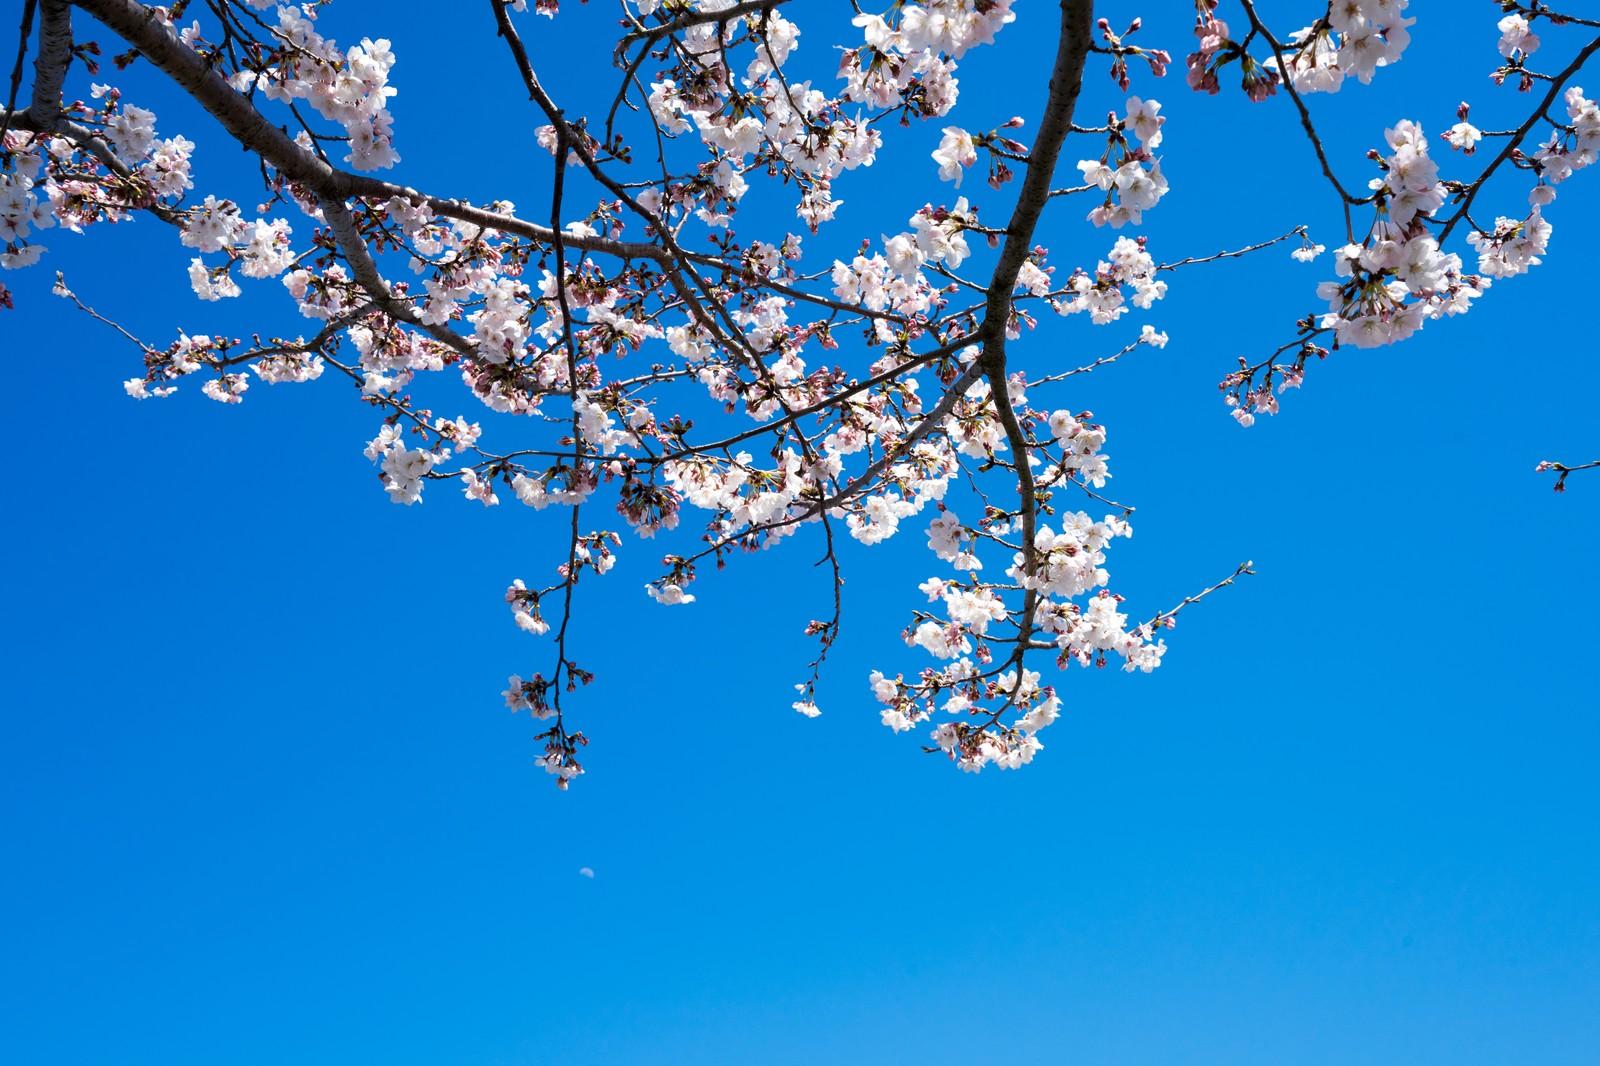 小田原城の桜はいつが見頃?ライトアップや風情を堪能しよう!